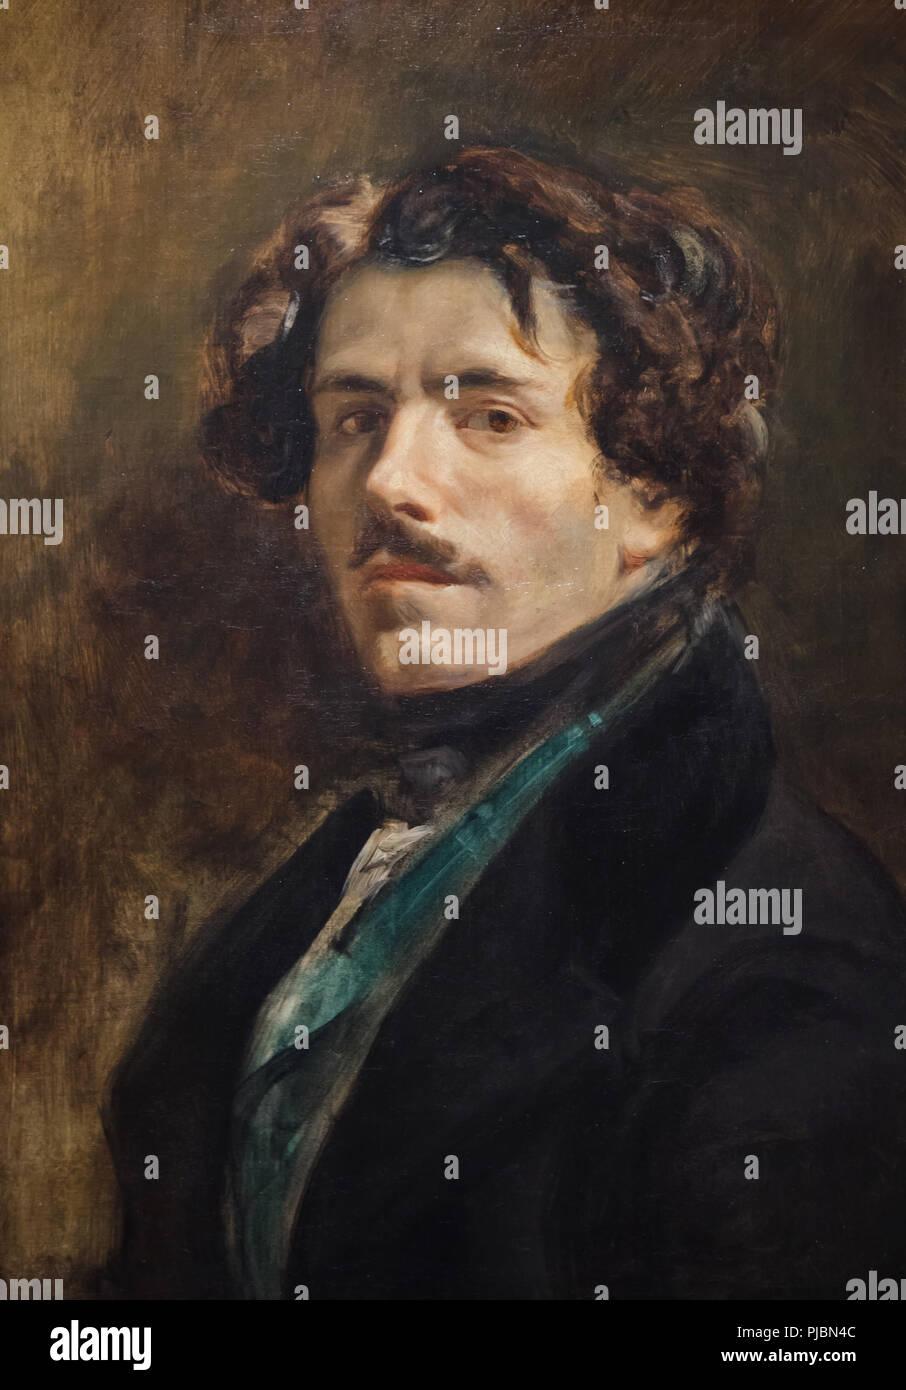 """Self-portrait von Französischen romantischen Maler Eugène Delacroix, bekannt als """"Self-portrait in der grüne Weste' (Ca. 1837) auf dem Display an seiner Retrospektive im Musée du Louvre in Paris, Frankreich. Die Ausstellung, die Meisterwerke der Führer der französischen Romantik läuft bis 23. Juli 2018. Stockbild"""